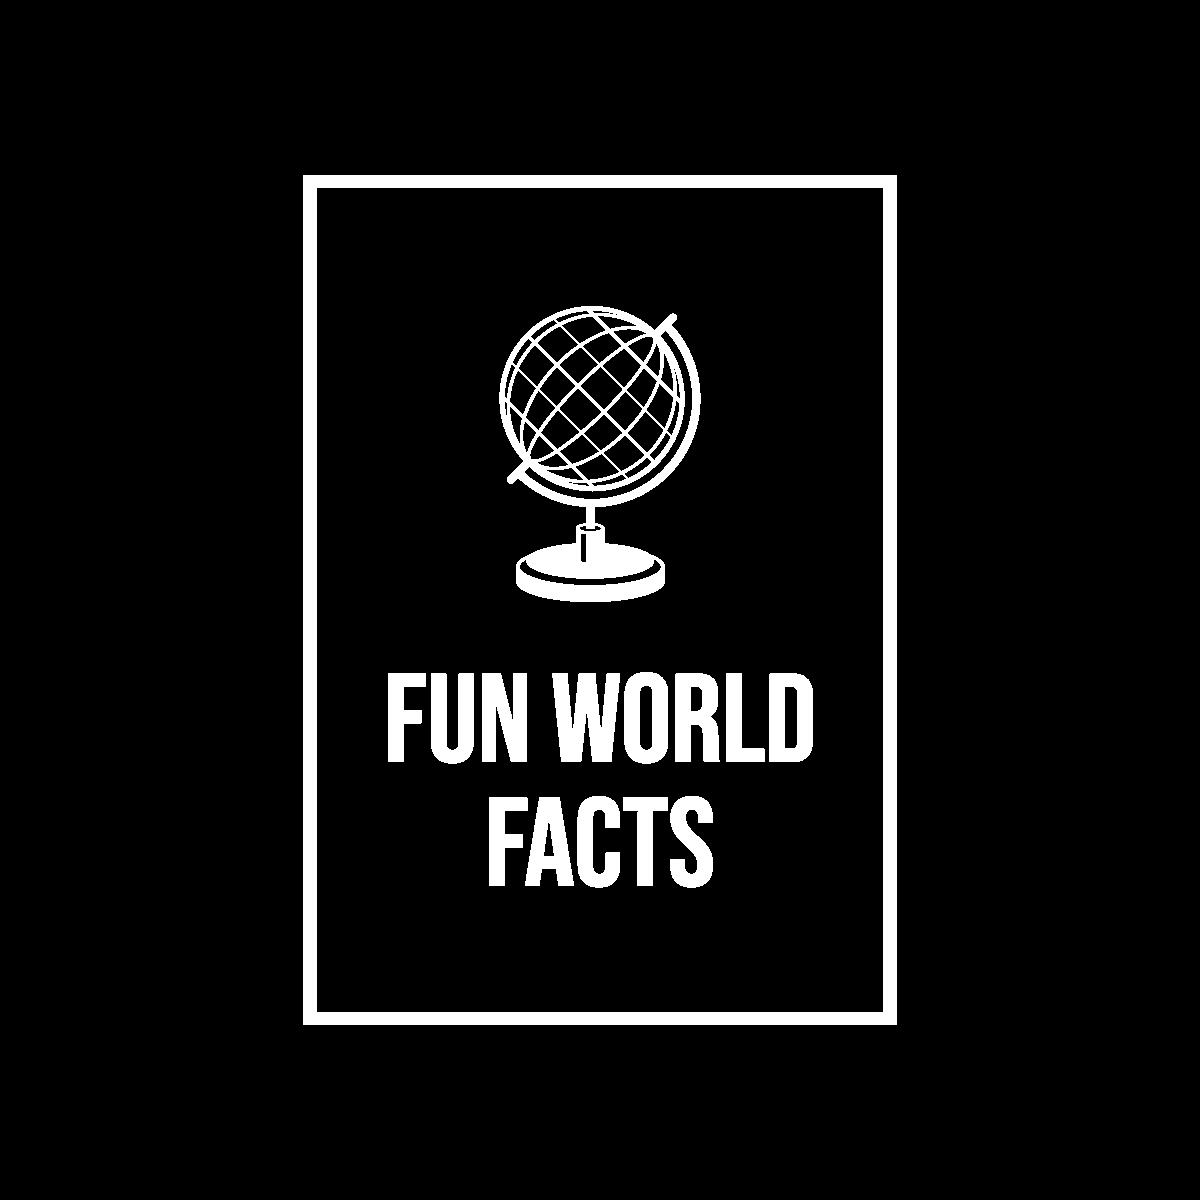 Fun World Facts